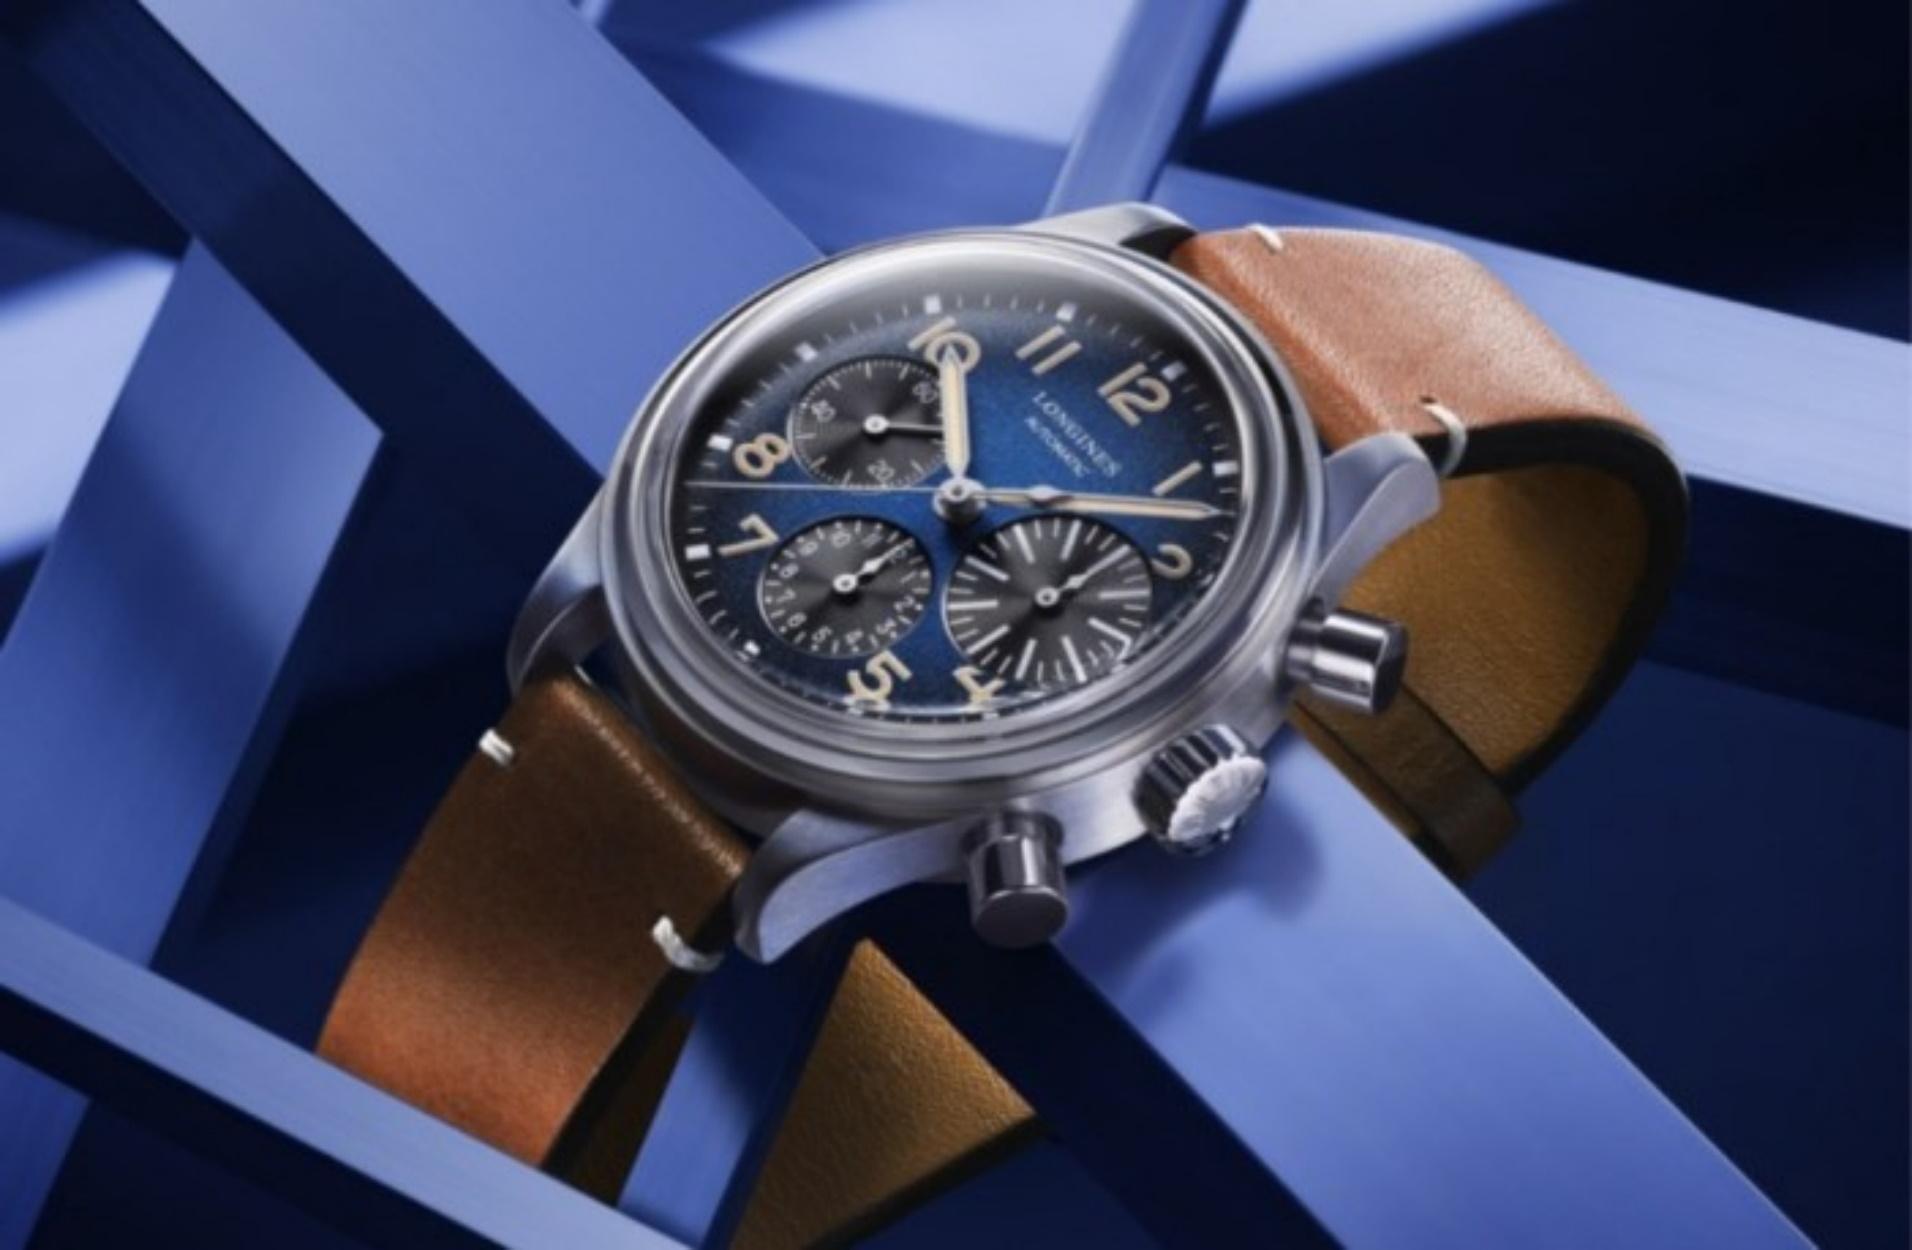 Ένα από τα πιο όμορφα pilot ρολόγια που κυκλοφορούν αυτή την στιγμή